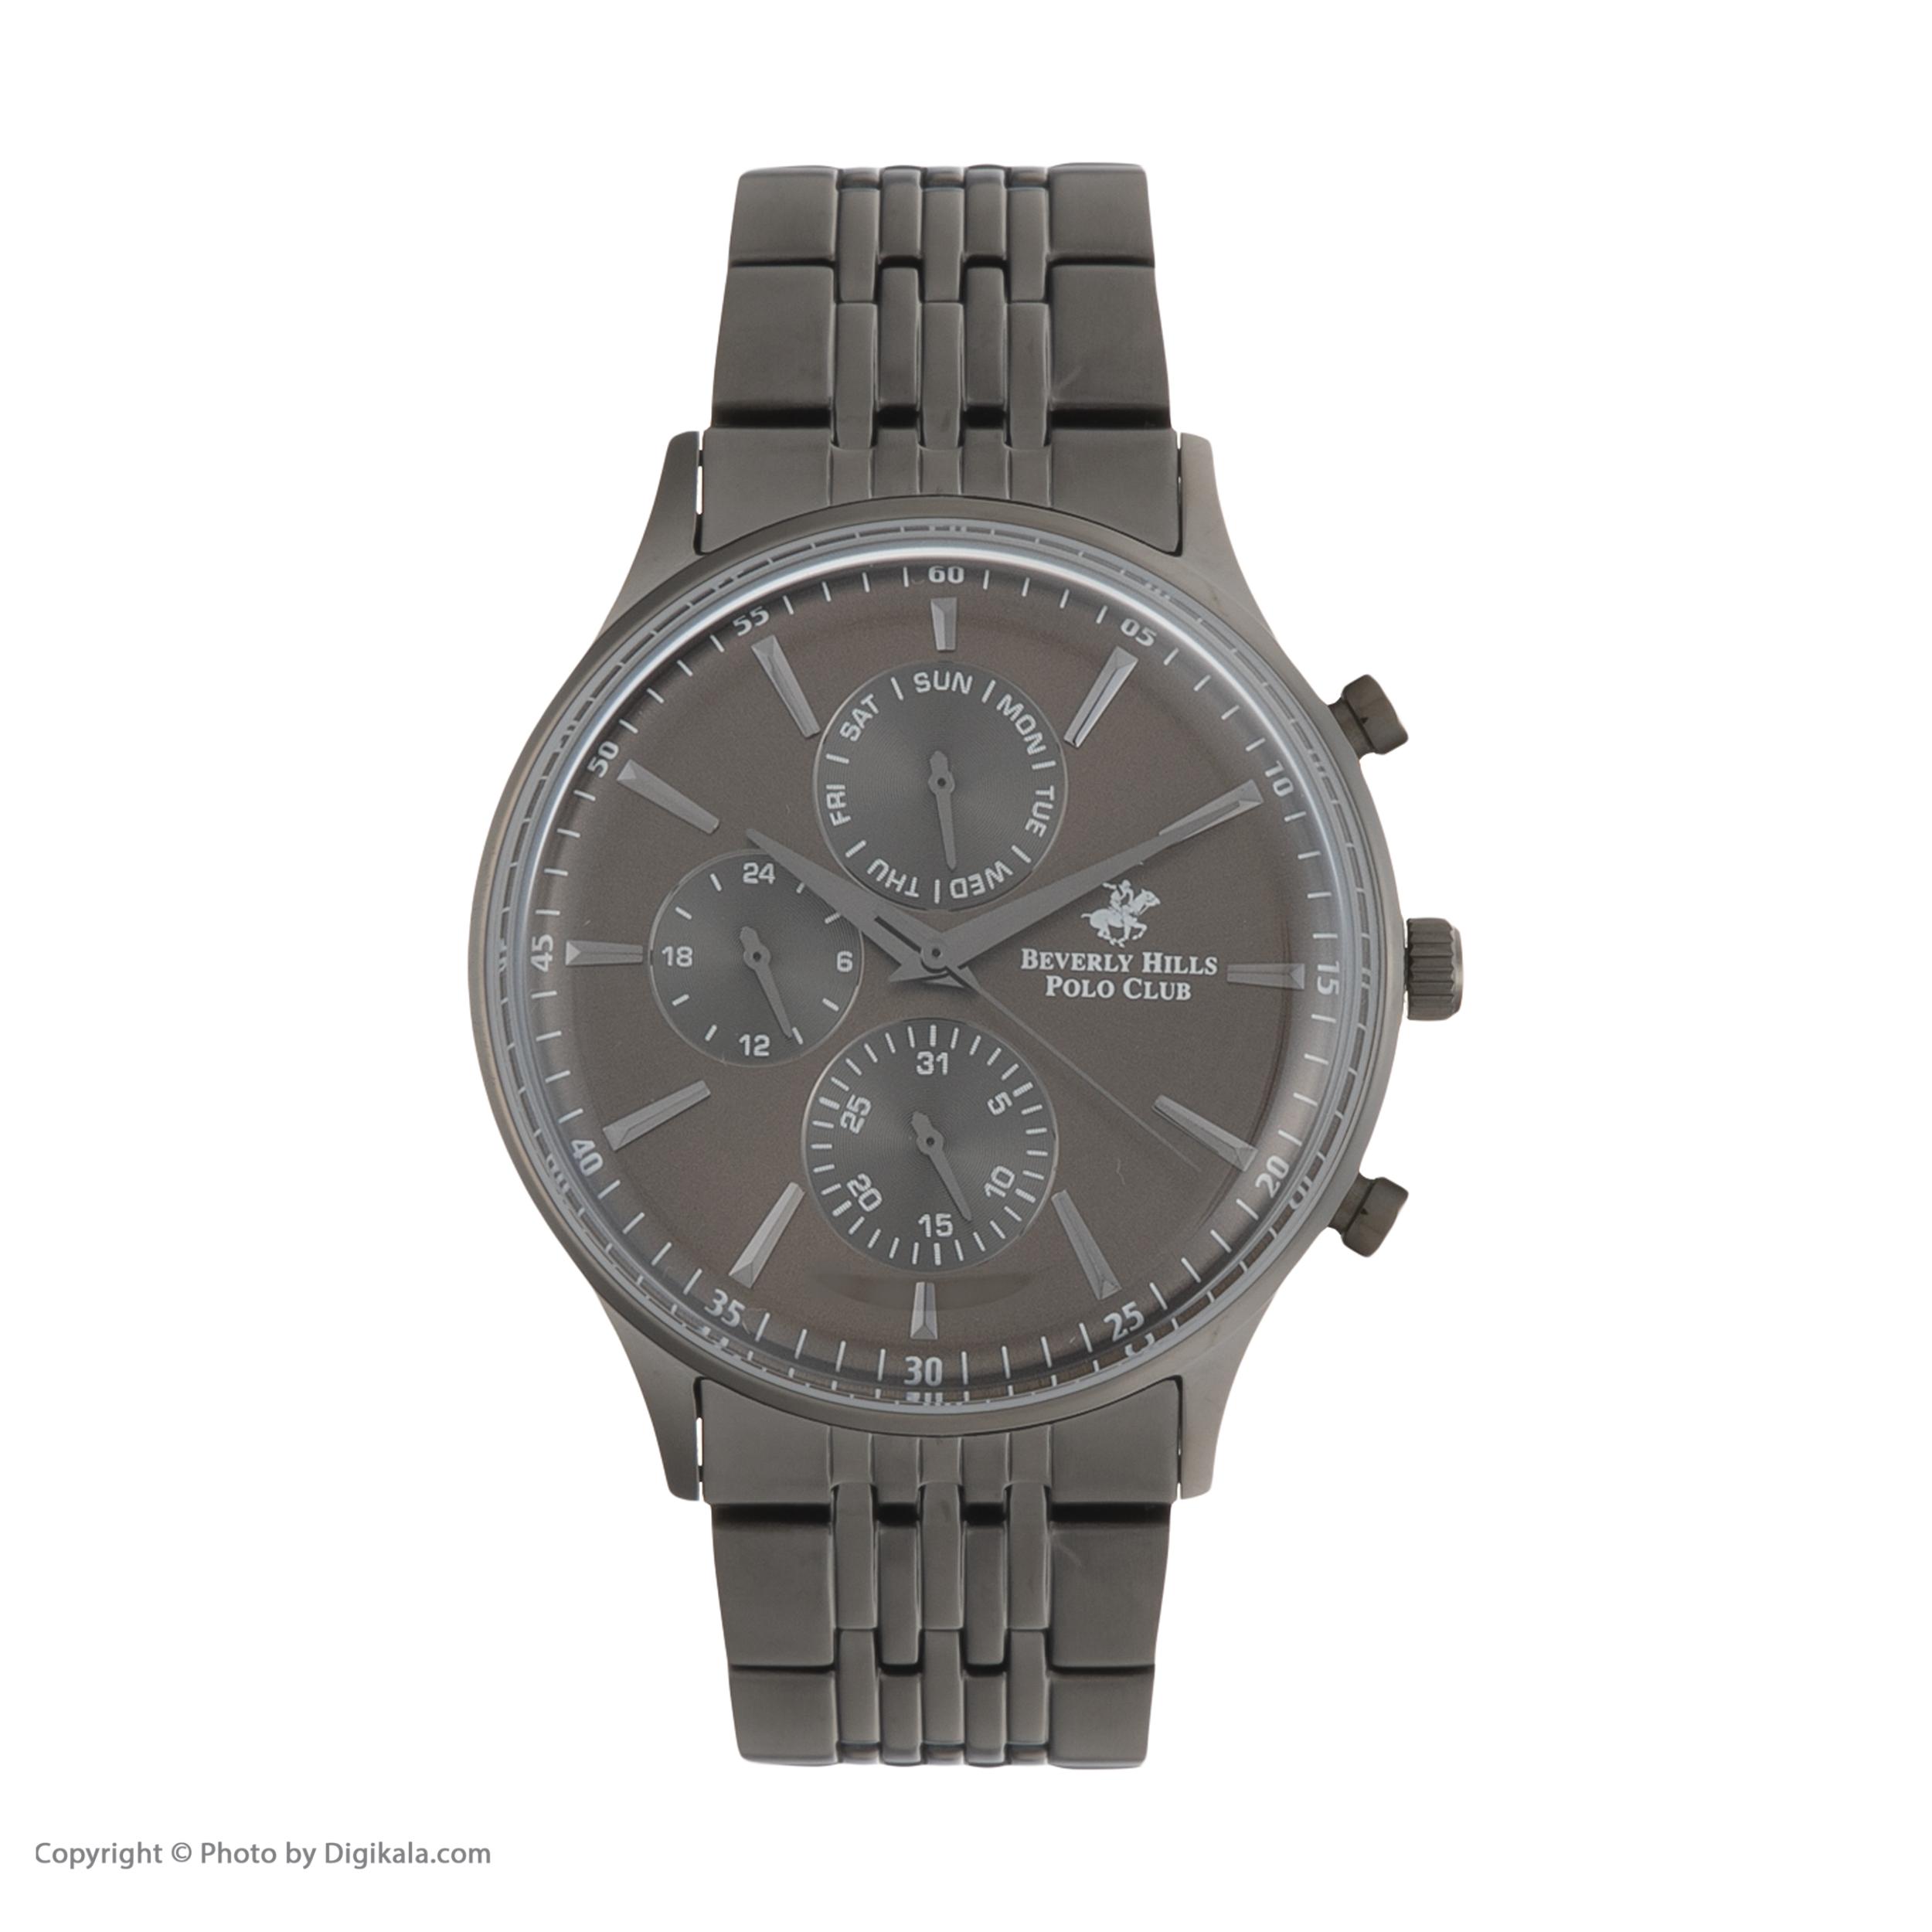 ساعت مچی عقربهای مردانه بورلی هیلز پولو کلاب مدل BP3050X.060